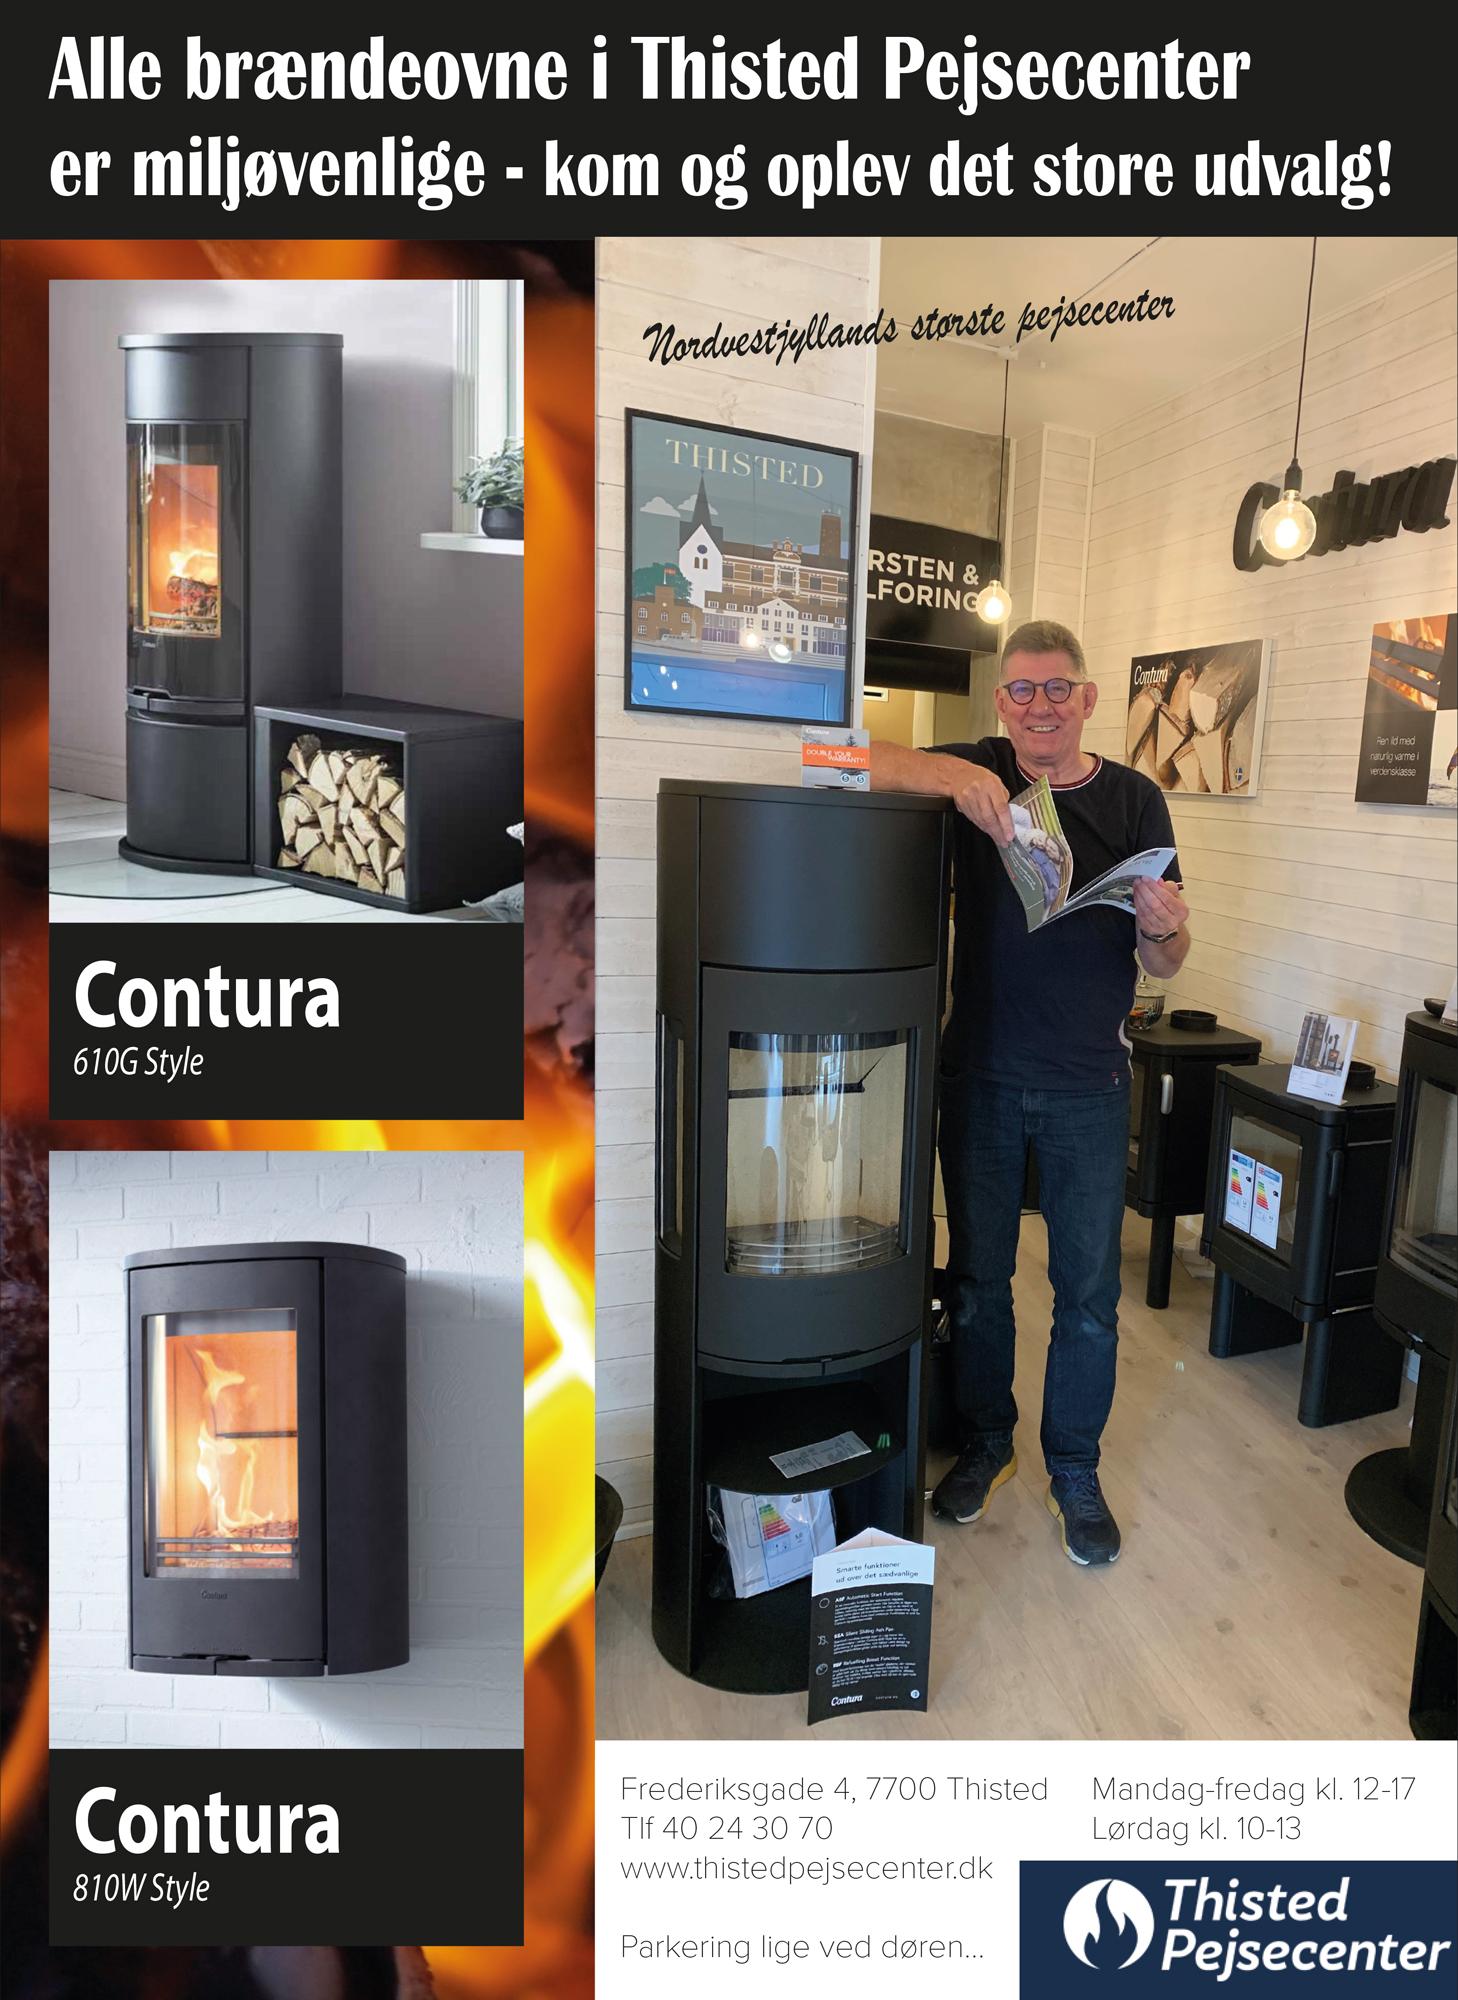 Thisted Pejsecenter - nye brændeovne